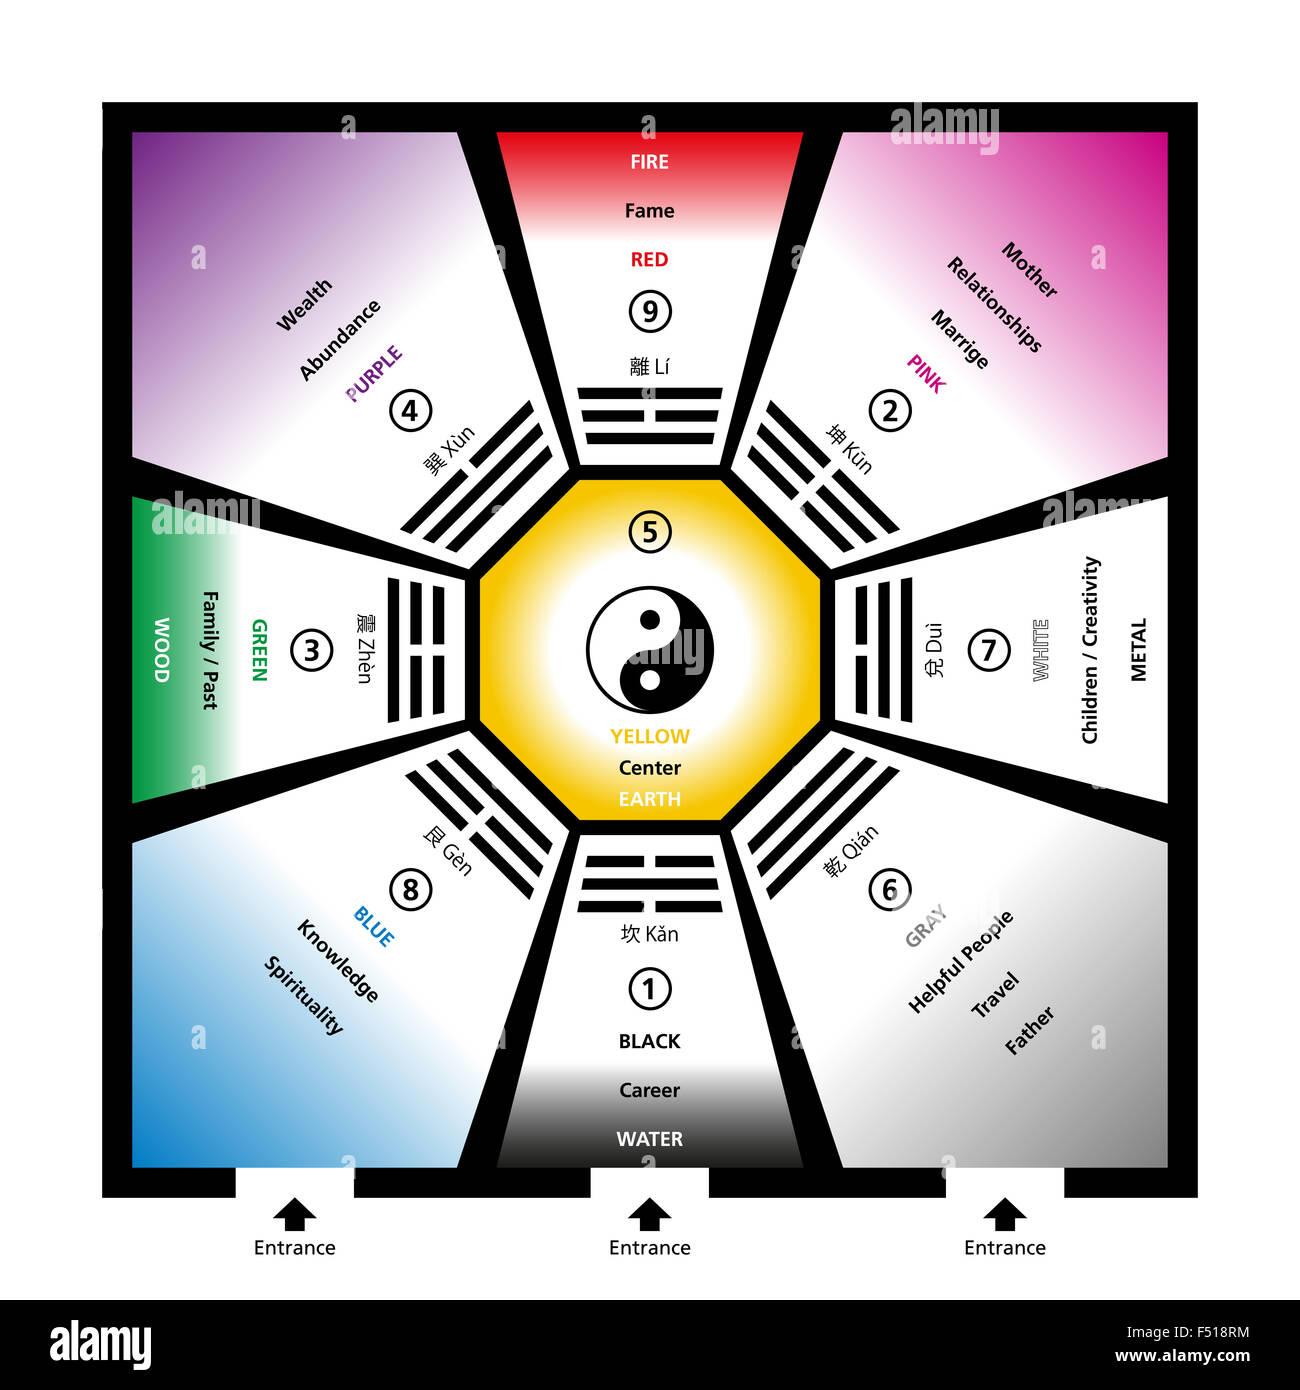 feng shui bagua trigramme mit f nf elemente und ihre farben beispielhafte zimmer mit acht. Black Bedroom Furniture Sets. Home Design Ideas